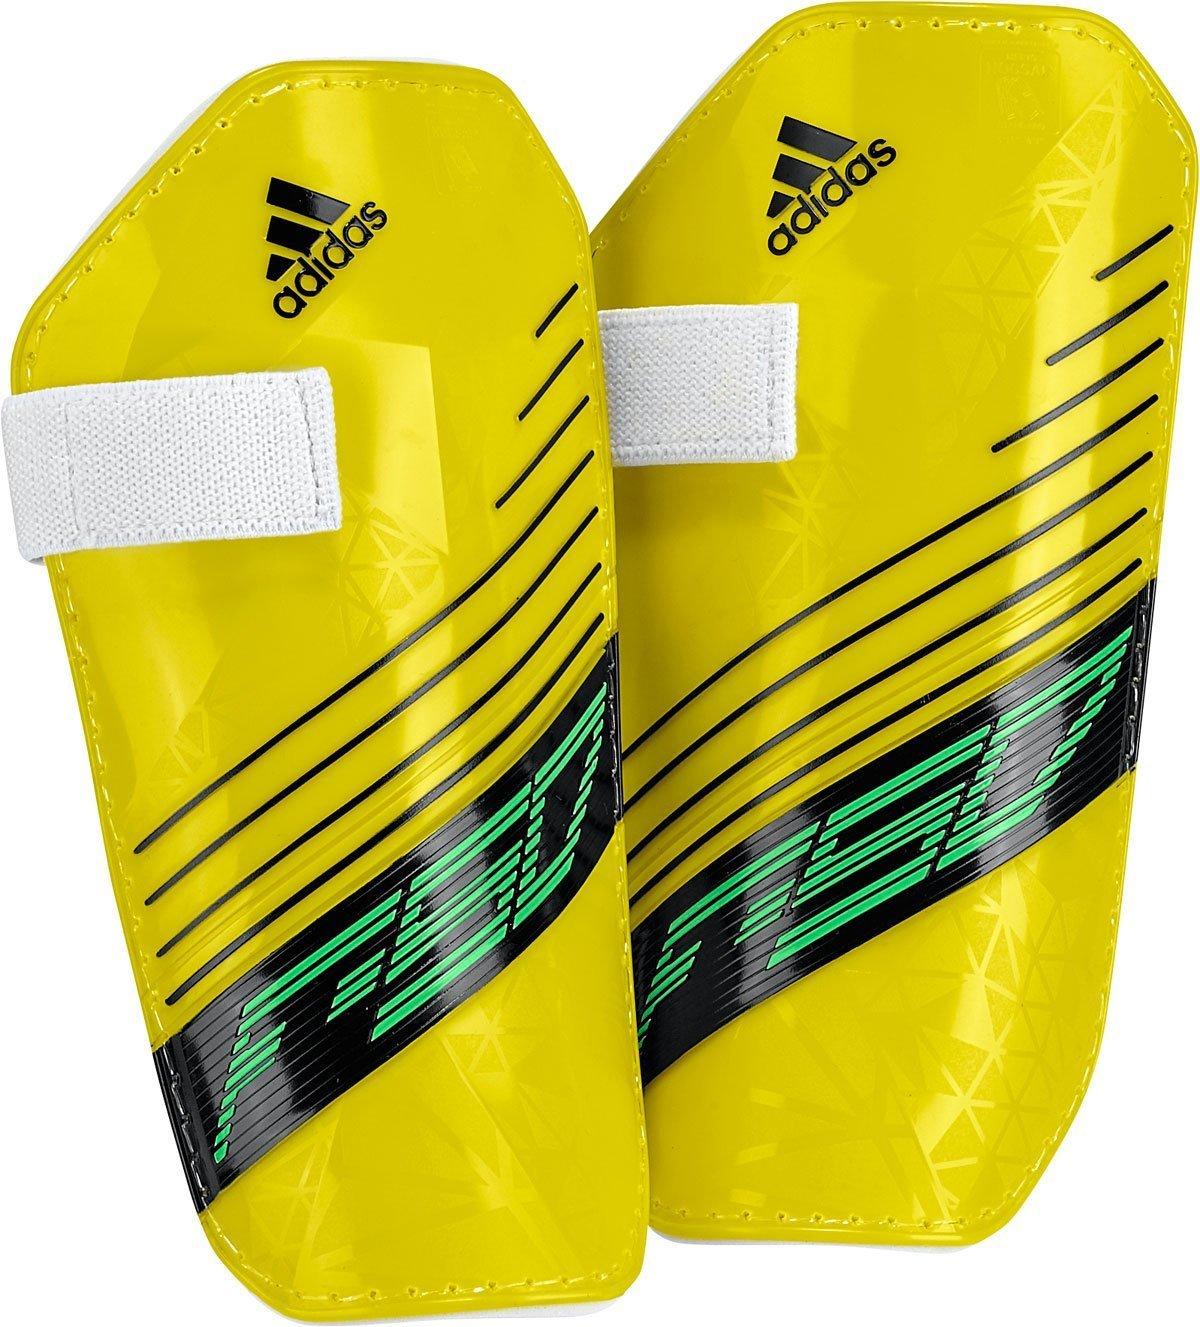 Adidas sport performance Adidas f50 lite på billigsport24